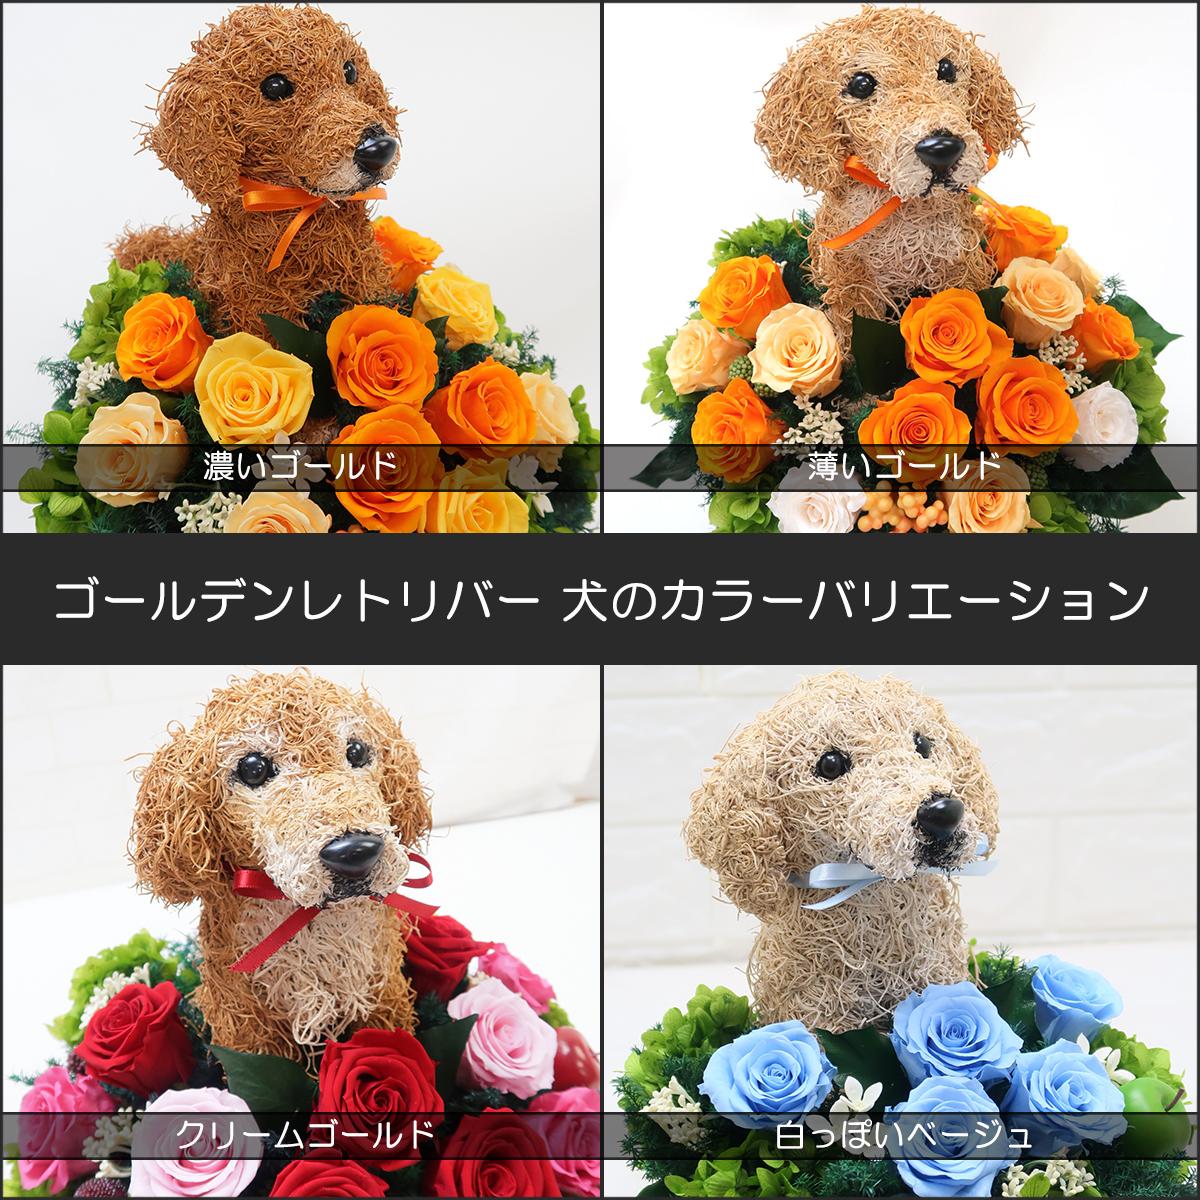 プリザーブドフラワー犬,ゴールデンレトリバー カラーバリエーション